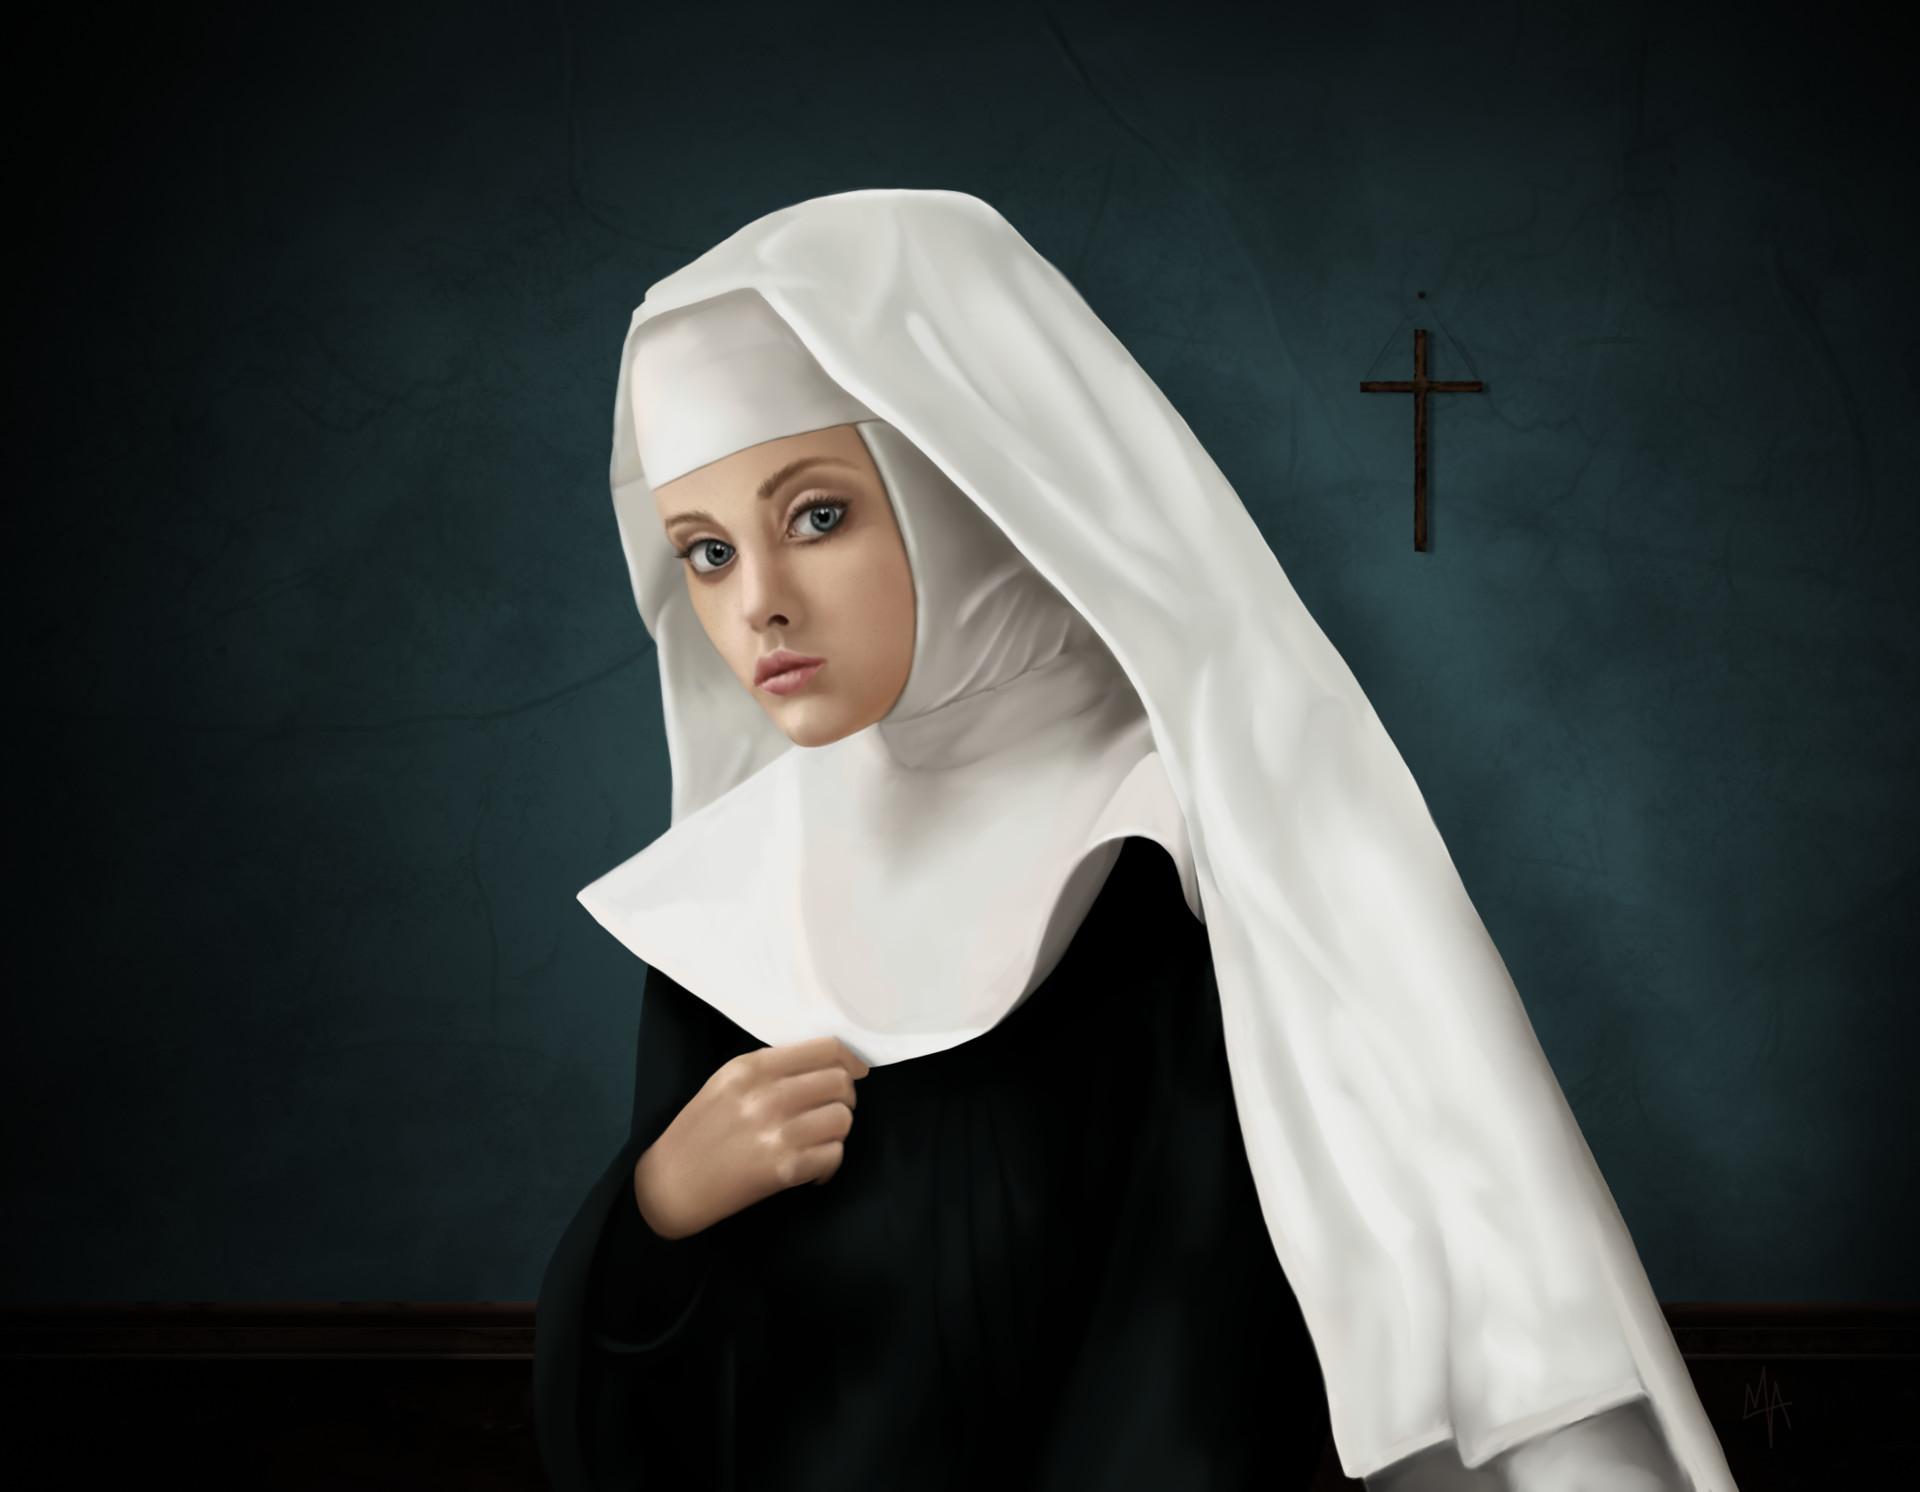 проездные картинки красивые монахини сожалению